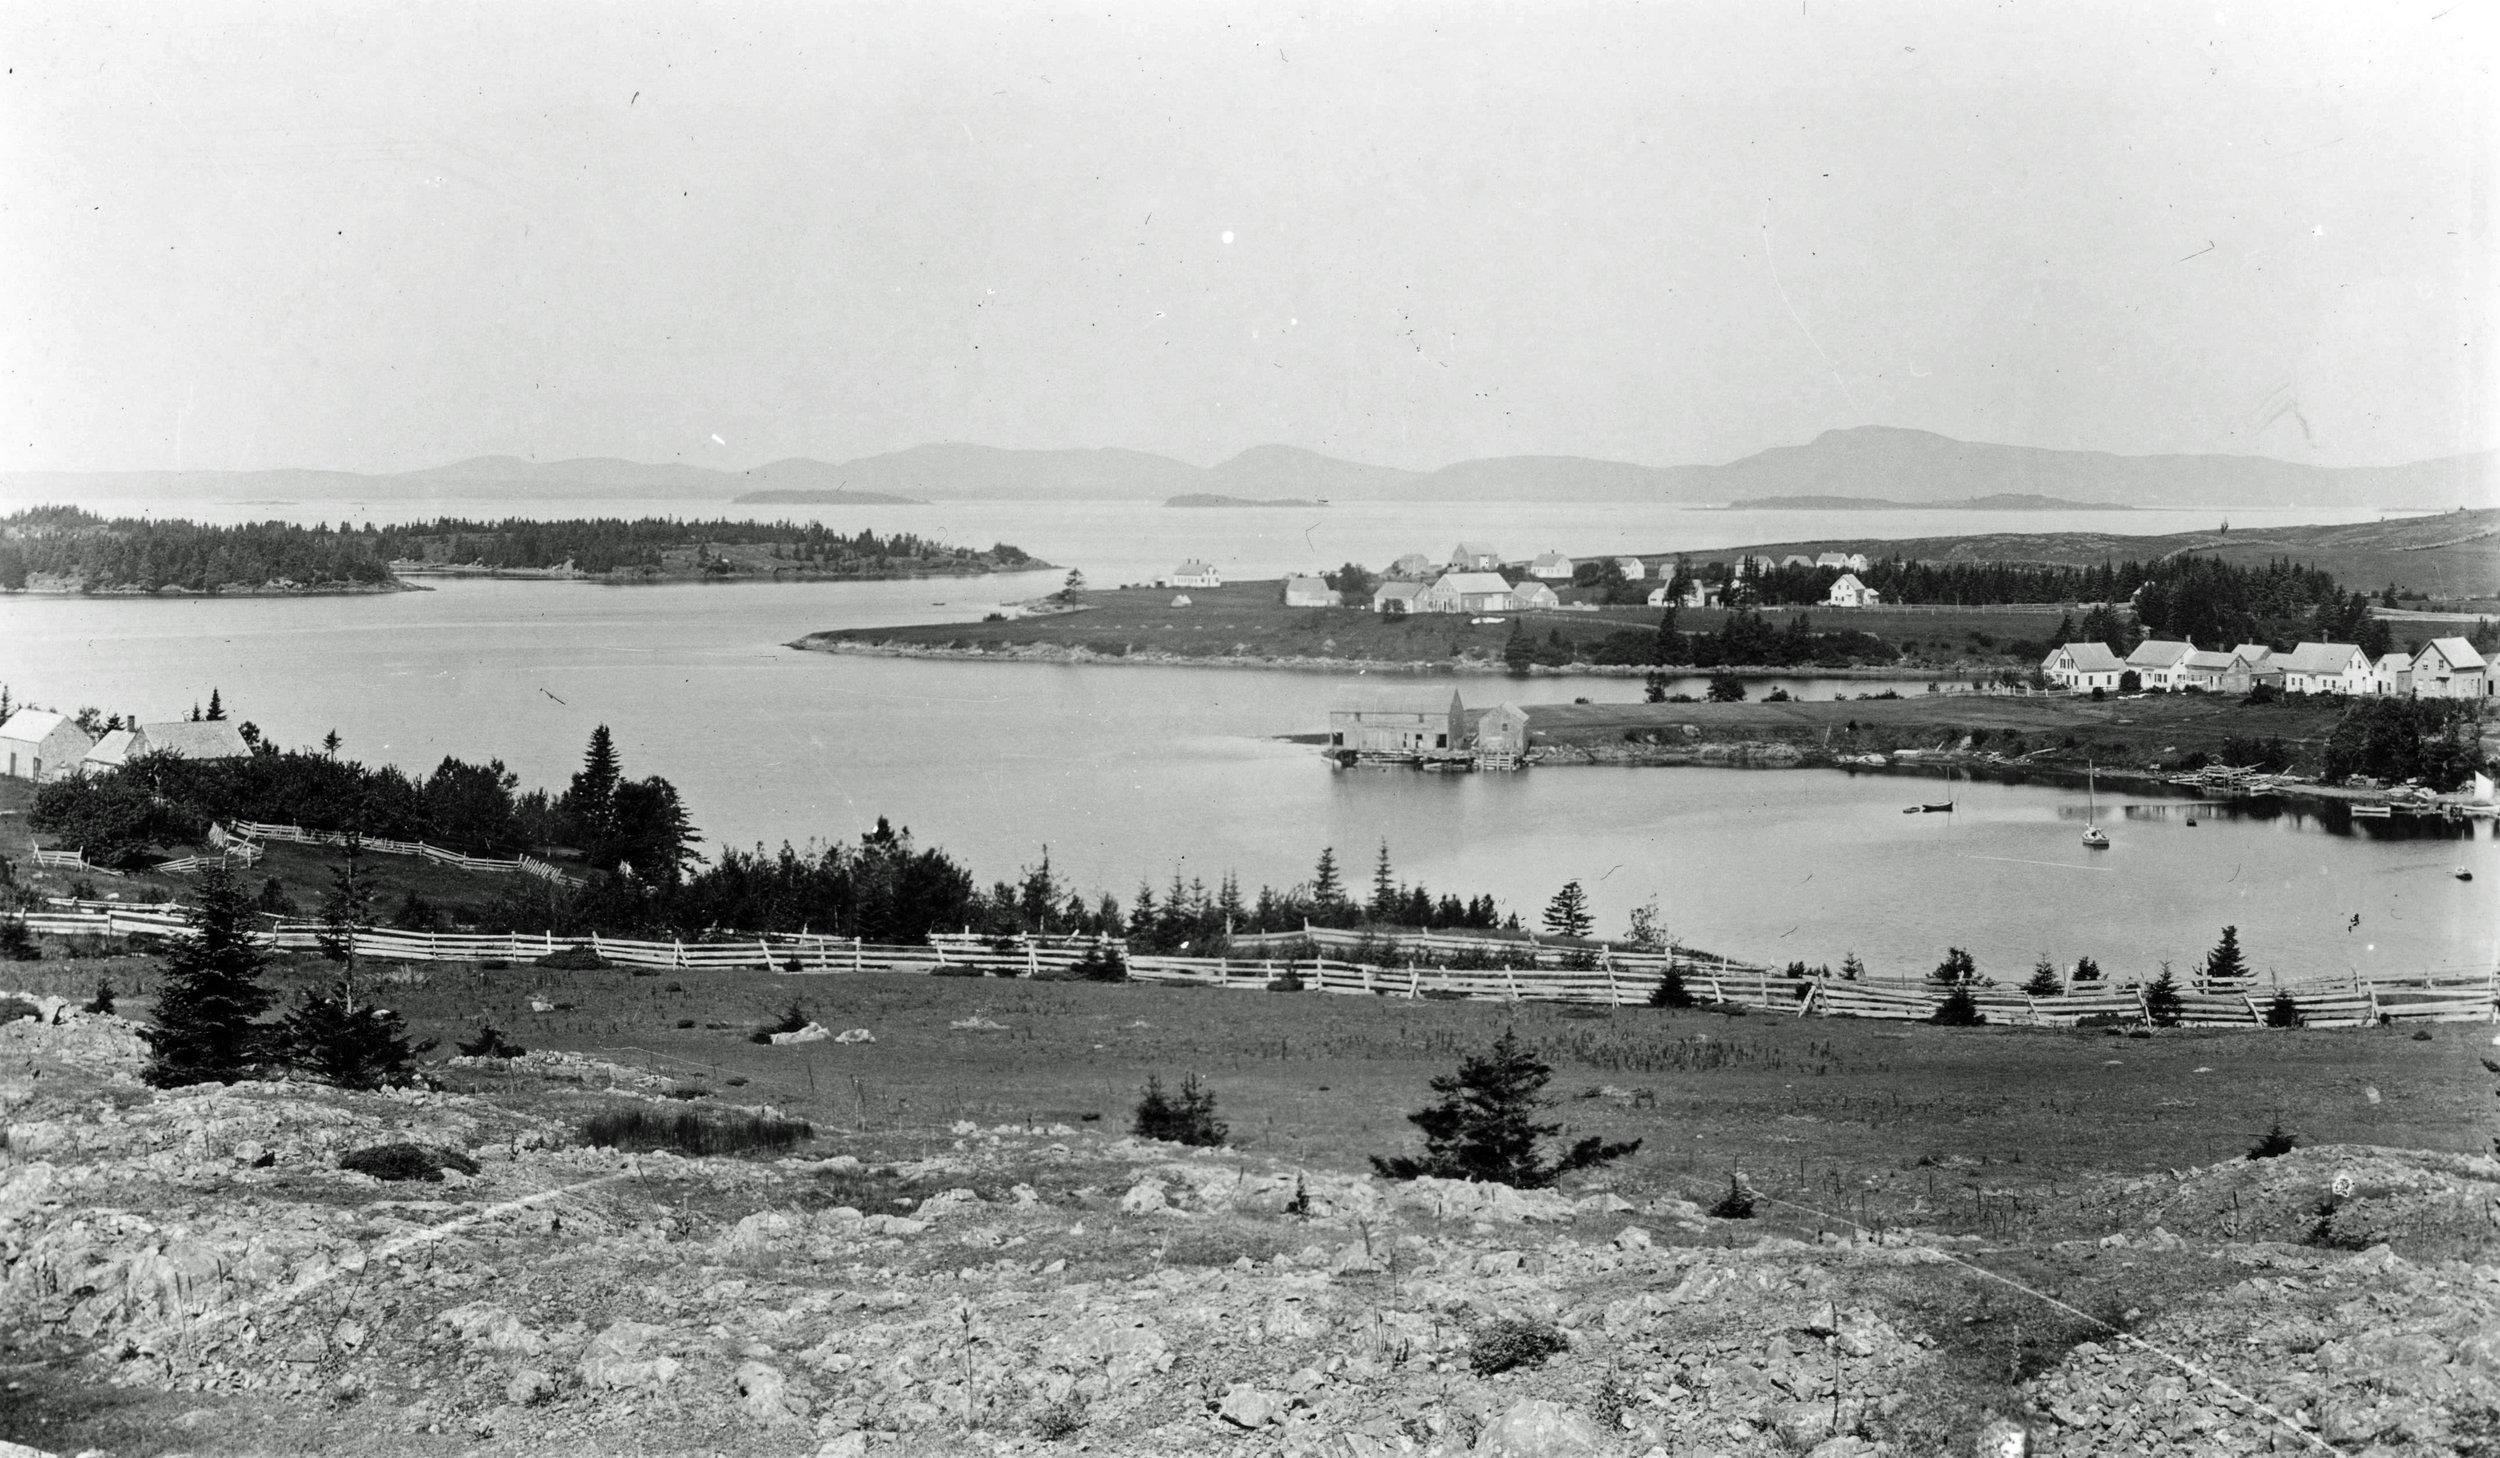 Pulpit Harbor Village, late-1800s